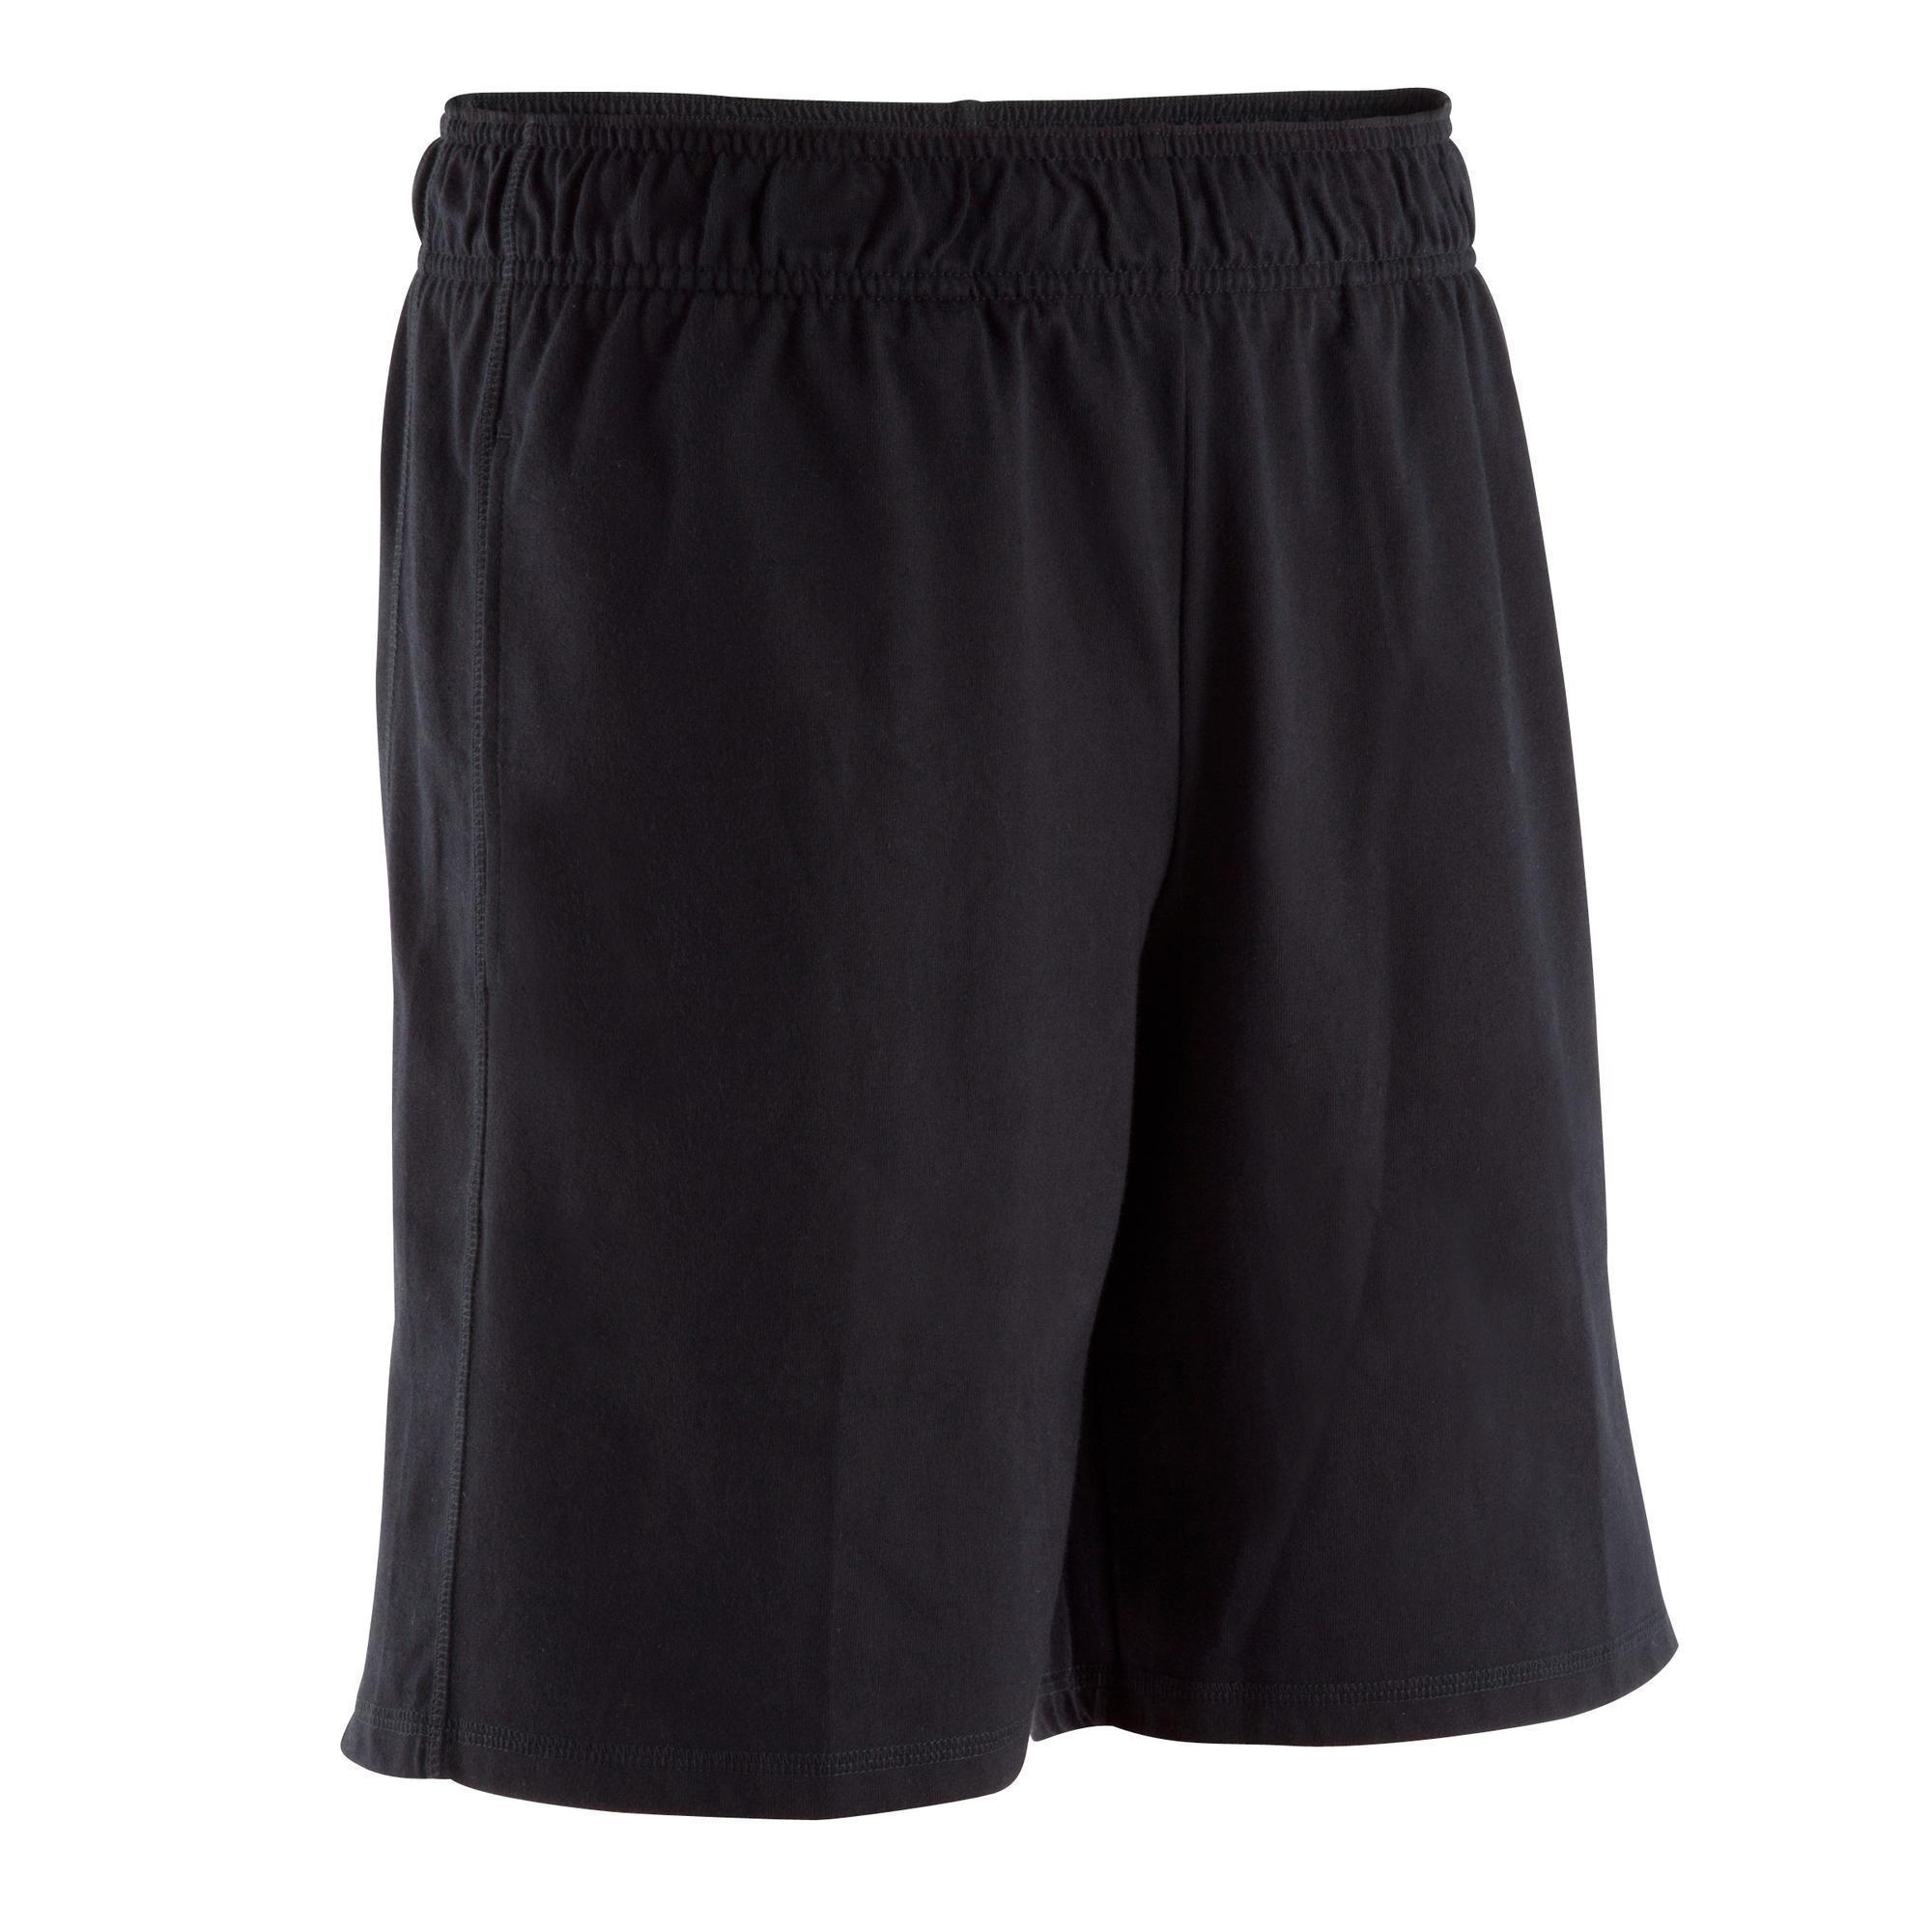 remise spéciale de différents types de aperçu de Vêtements homme - Short fitness Active homme noir